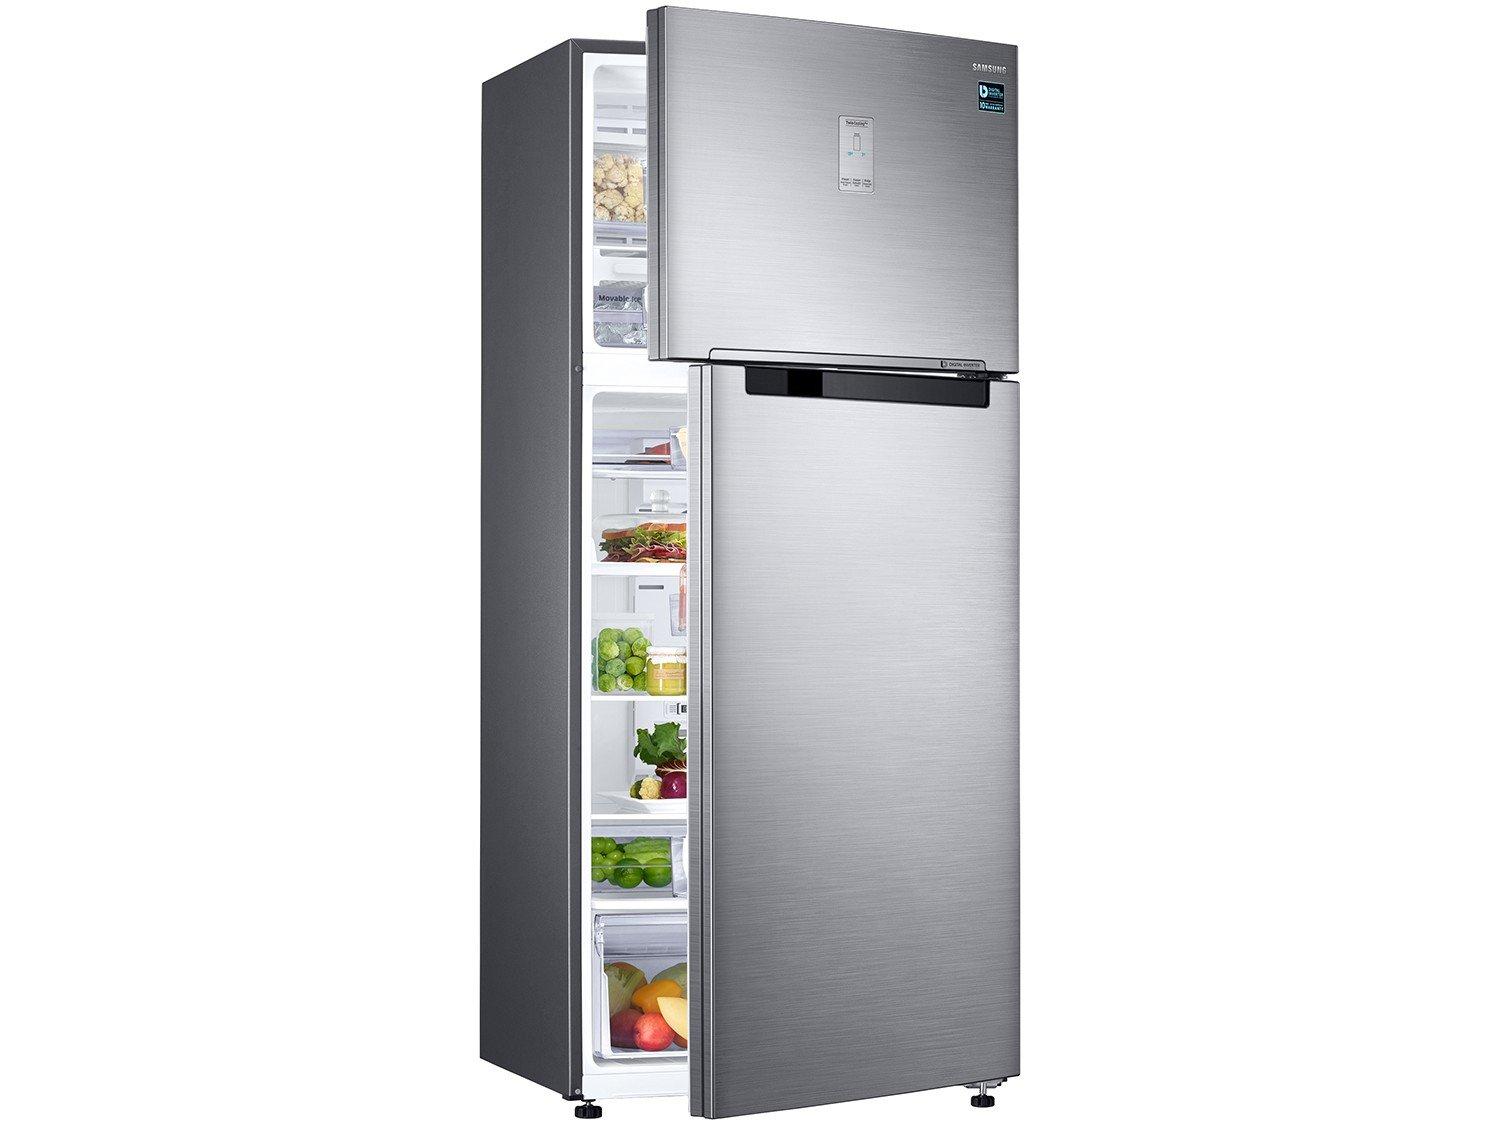 Geladeira/Refrigerador Samsung Automático - Inox Duplex 528L RT53K6240S8/AZ - 110 V - 4